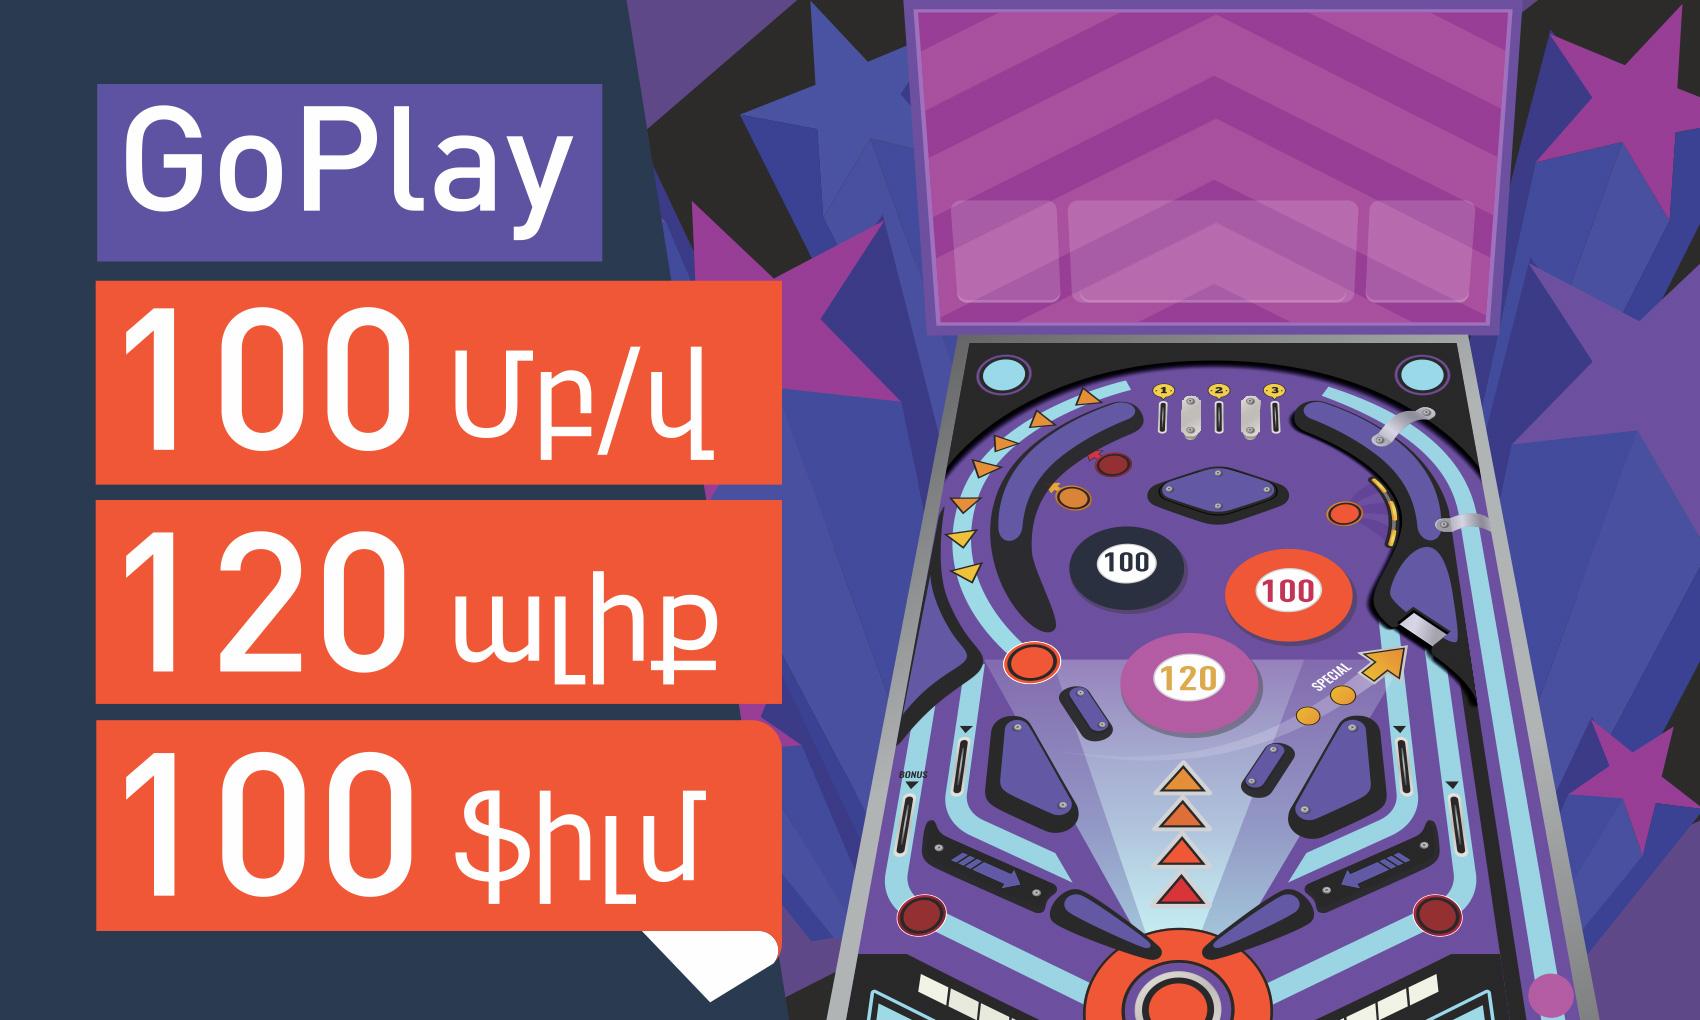 Նոր փաթեթ` նոր առավելություններով․ «Ռոստելեկոմ»-ը ներկայացնում է նոր GoPlay փաթեթը